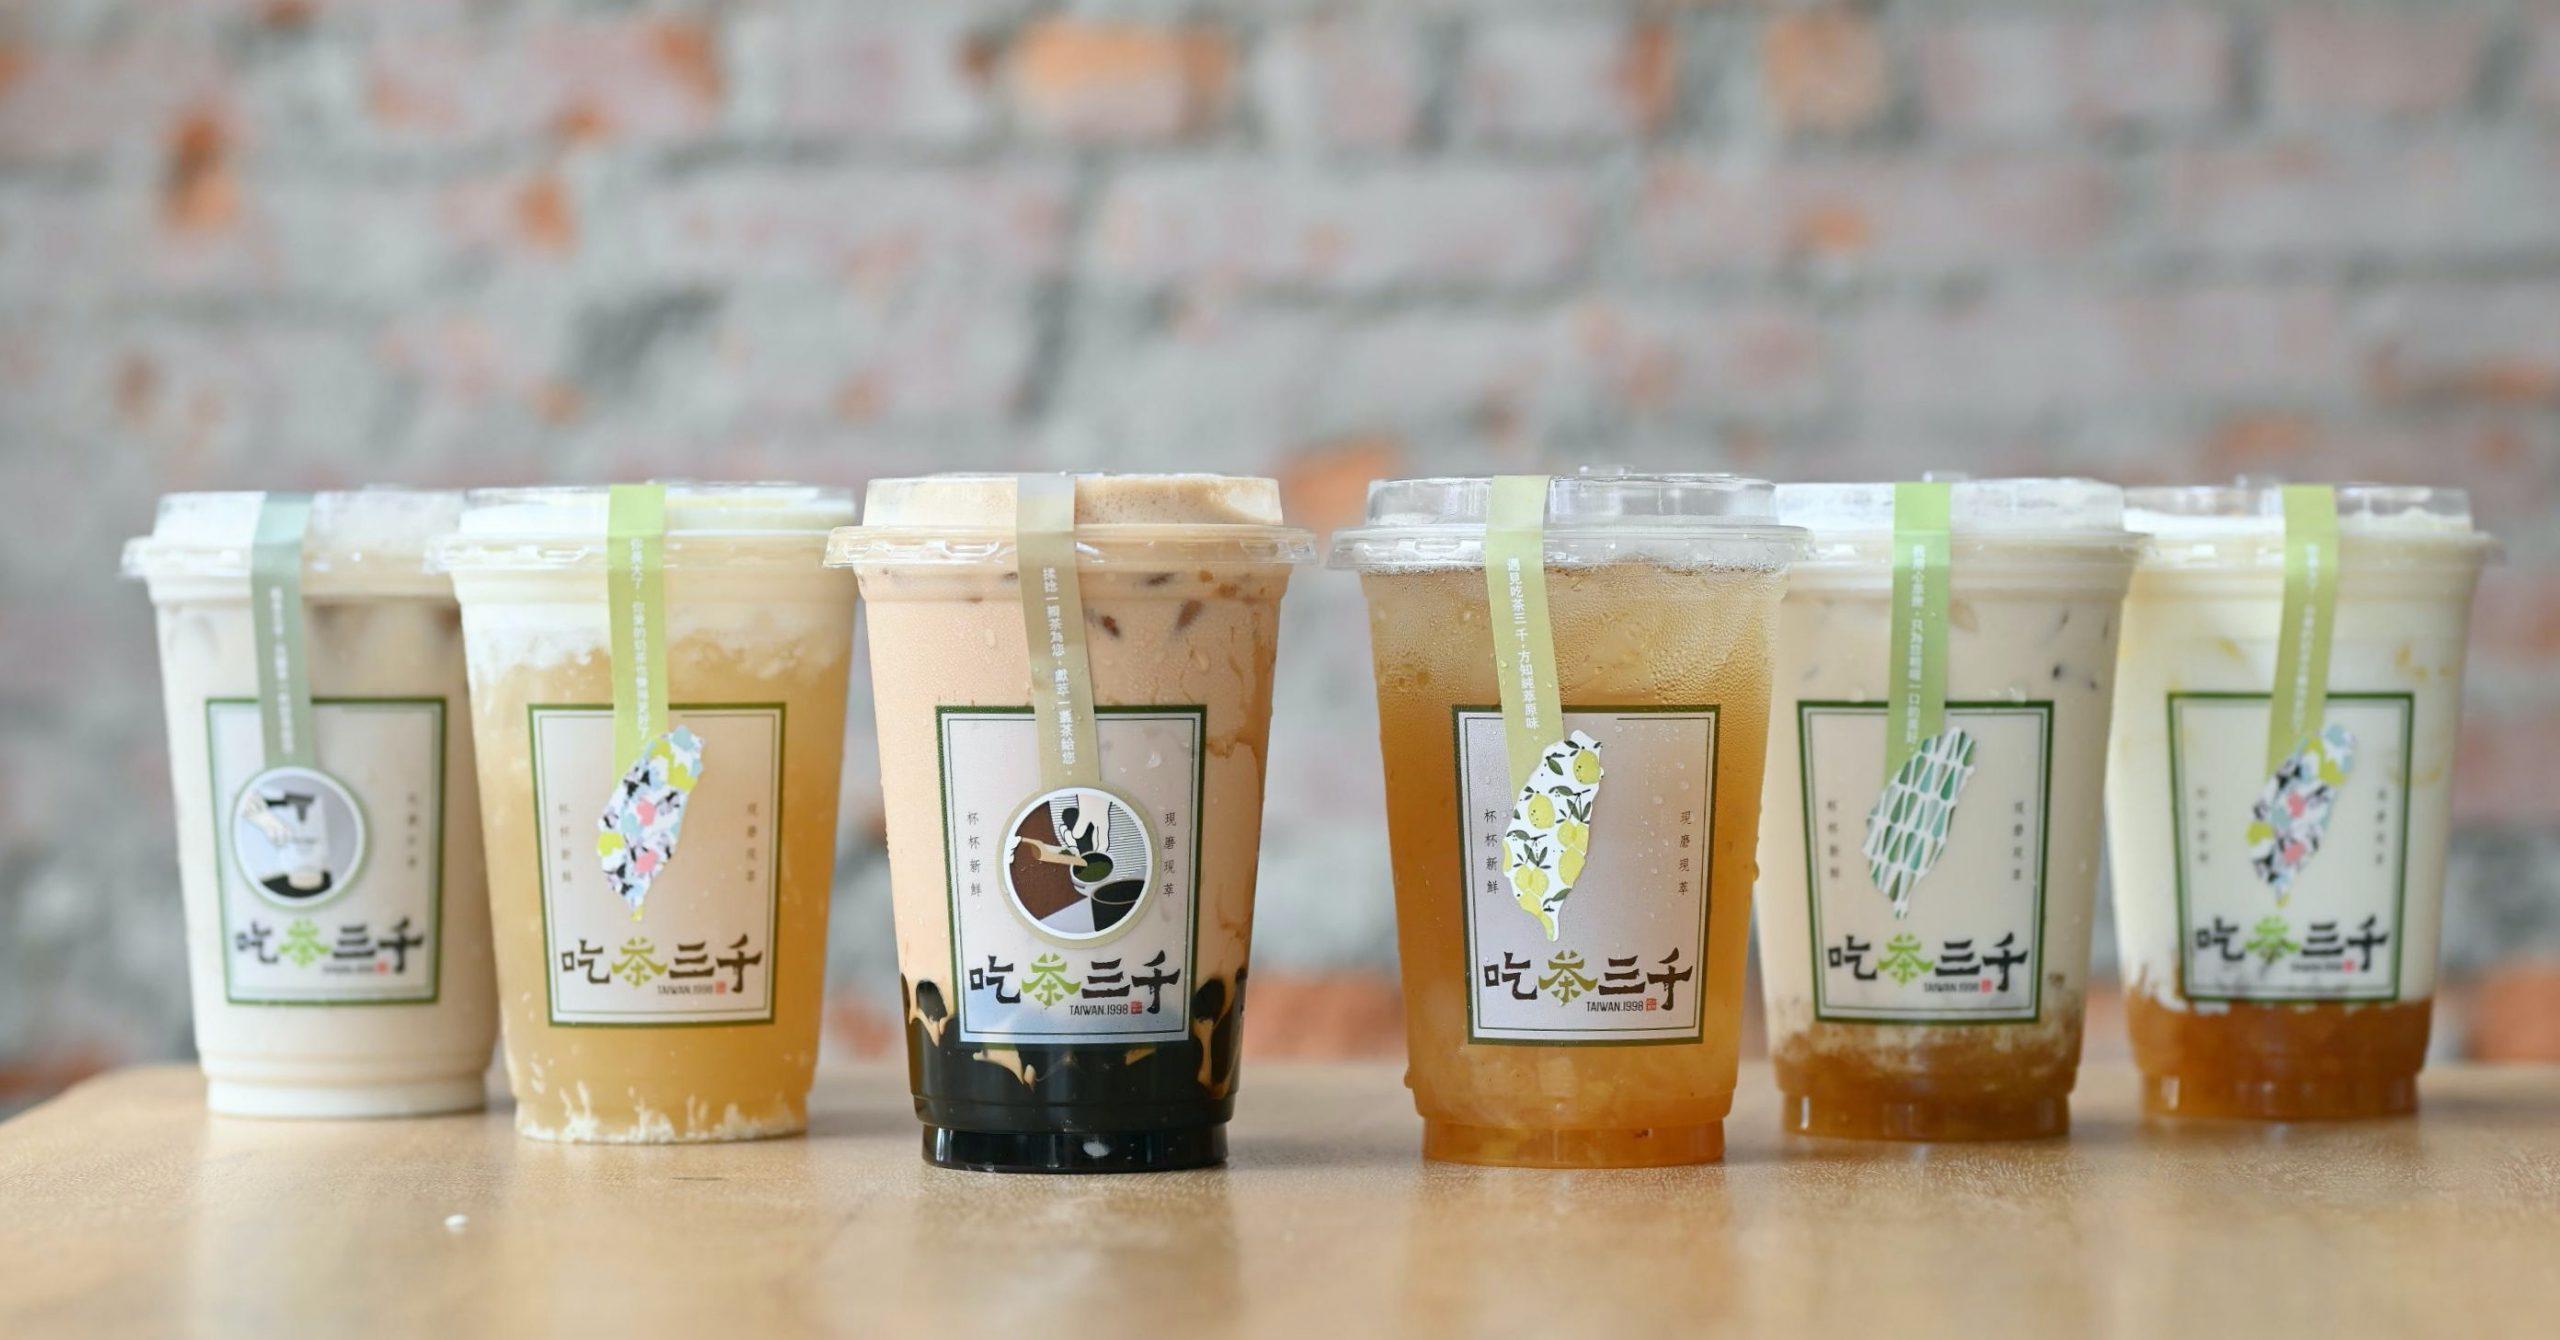 網站近期文章:受保護的內容: 【台中美食】吃茶三千,季節限定鳳梨飲品值得品嚐